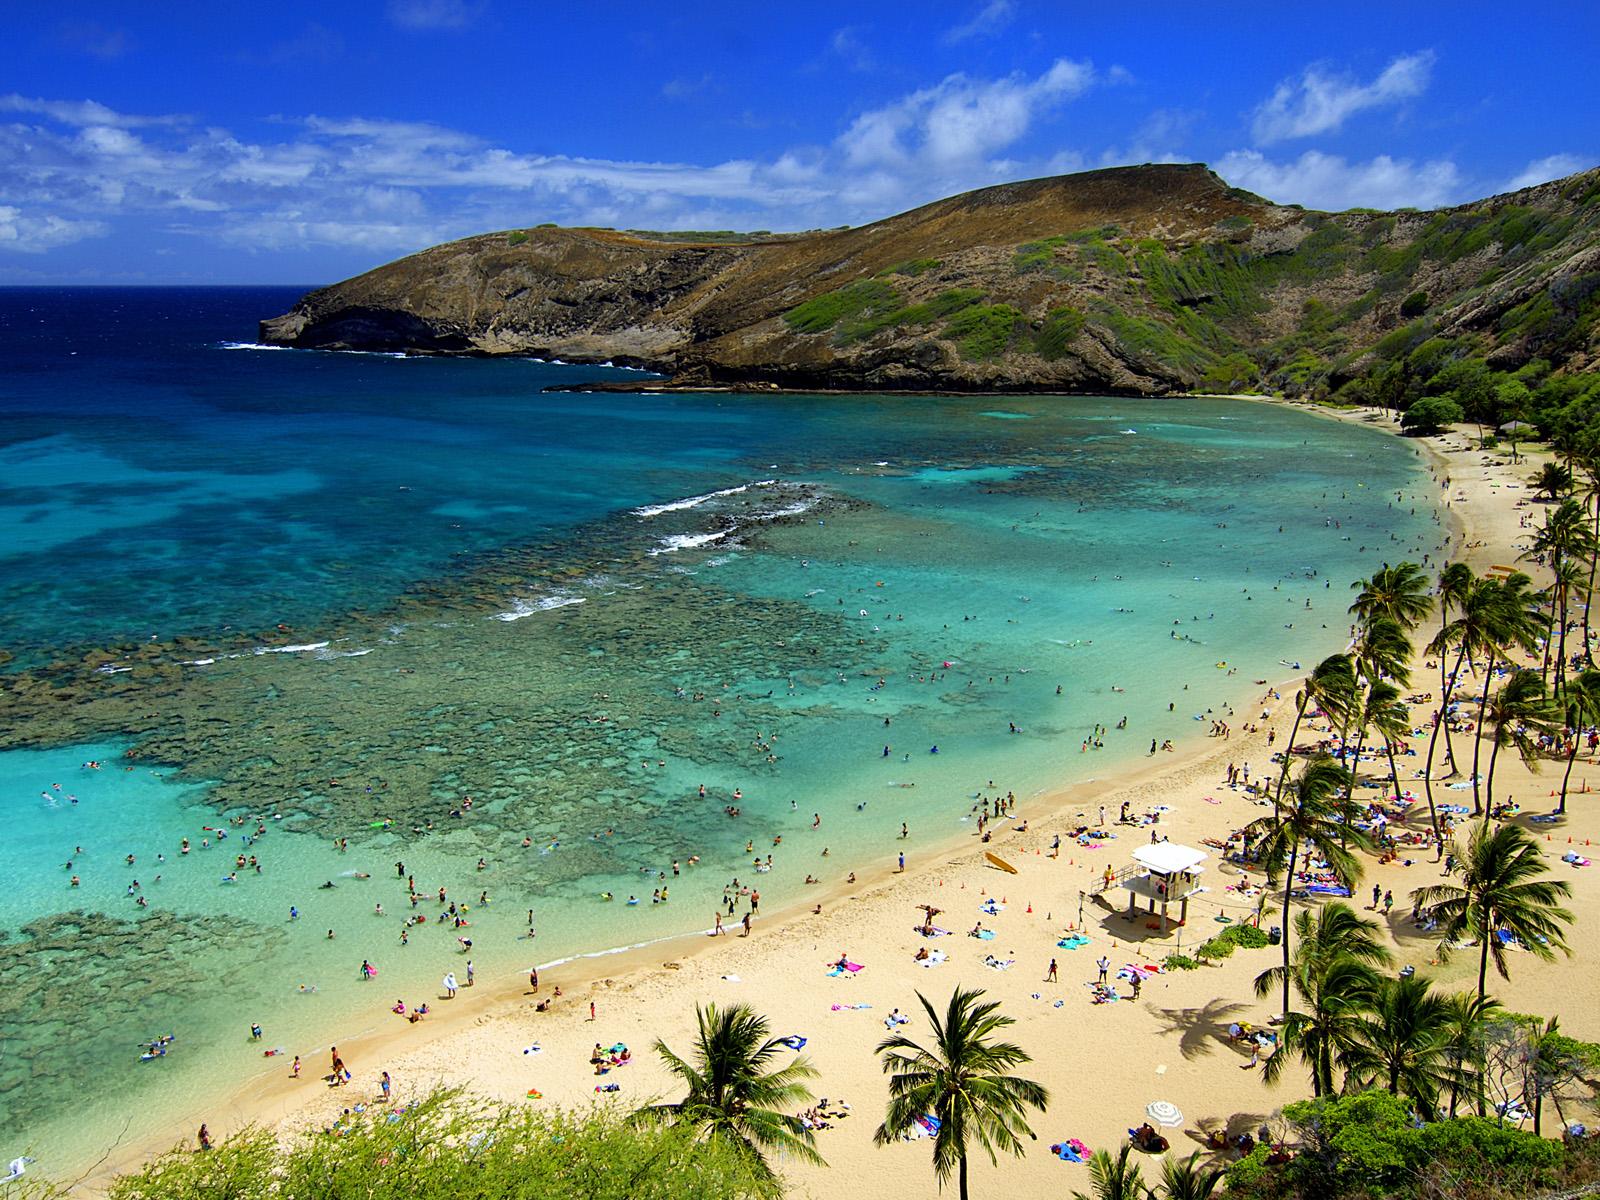 Hawaii Hd Wallpapers Hanauma Bay Oahu Hawaii HD Walls Find 1600x1200